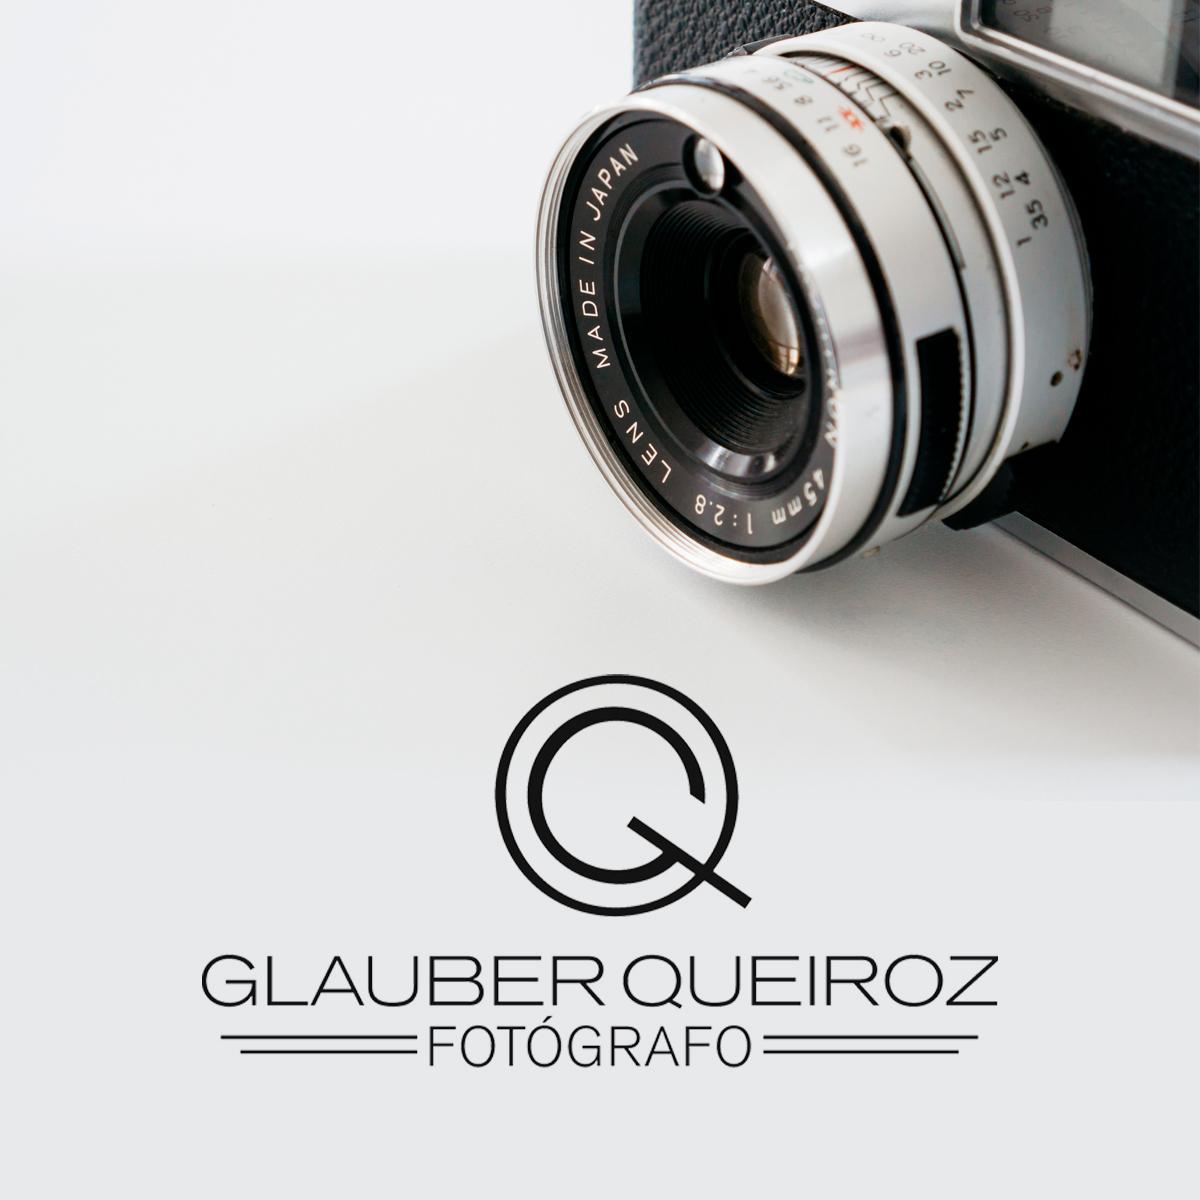 Glauber Queiroz fotógrafo